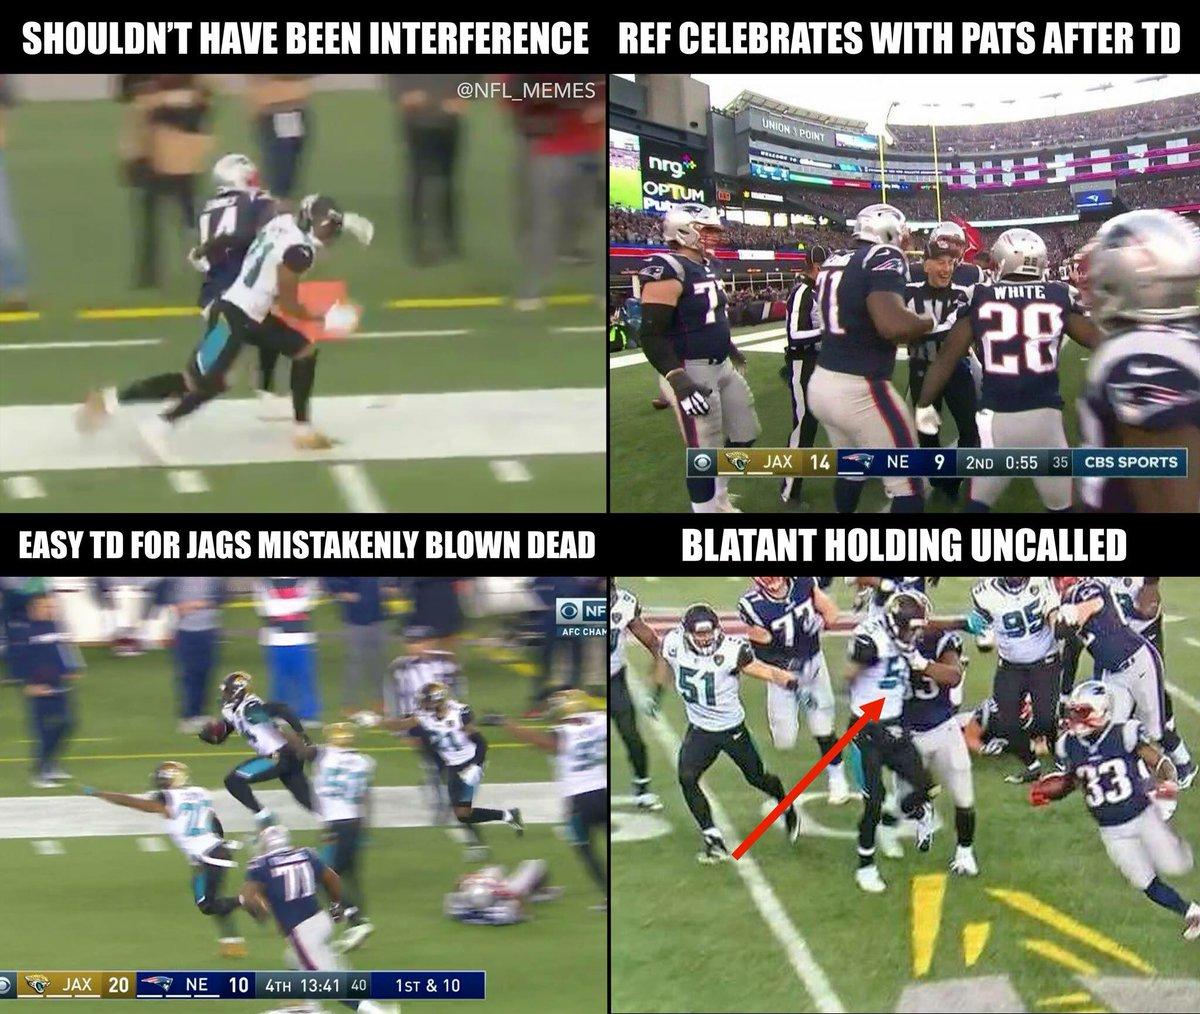 RT @NFL_Memes: Jaguars get robbed? https://t.co/oRm30K1IFx